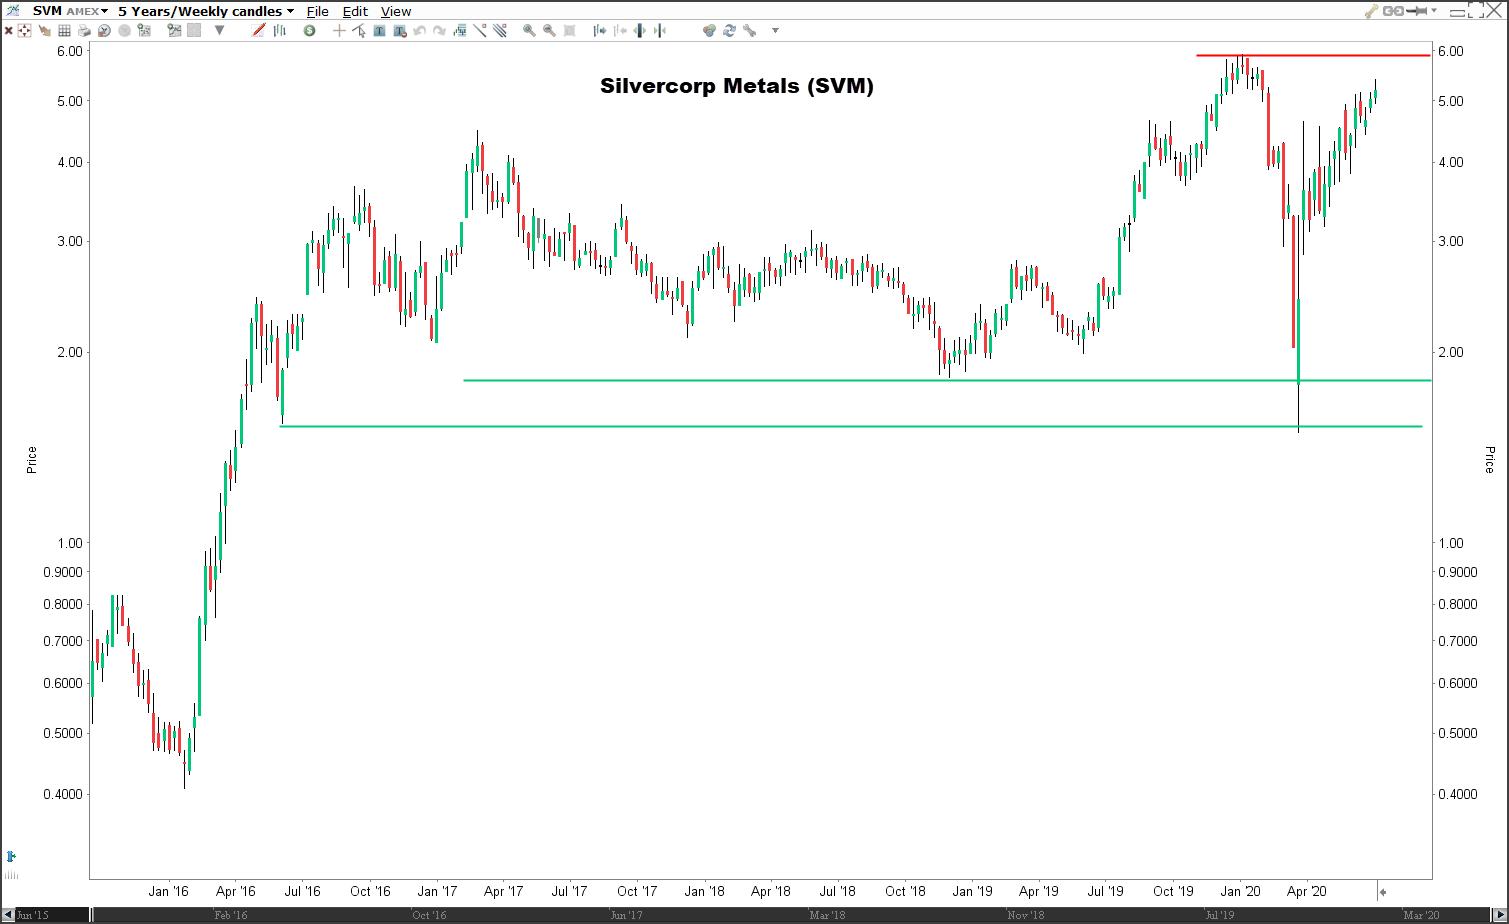 Beste zilvermijn aandelen: aandeel Silvercorp Metals (SVM)